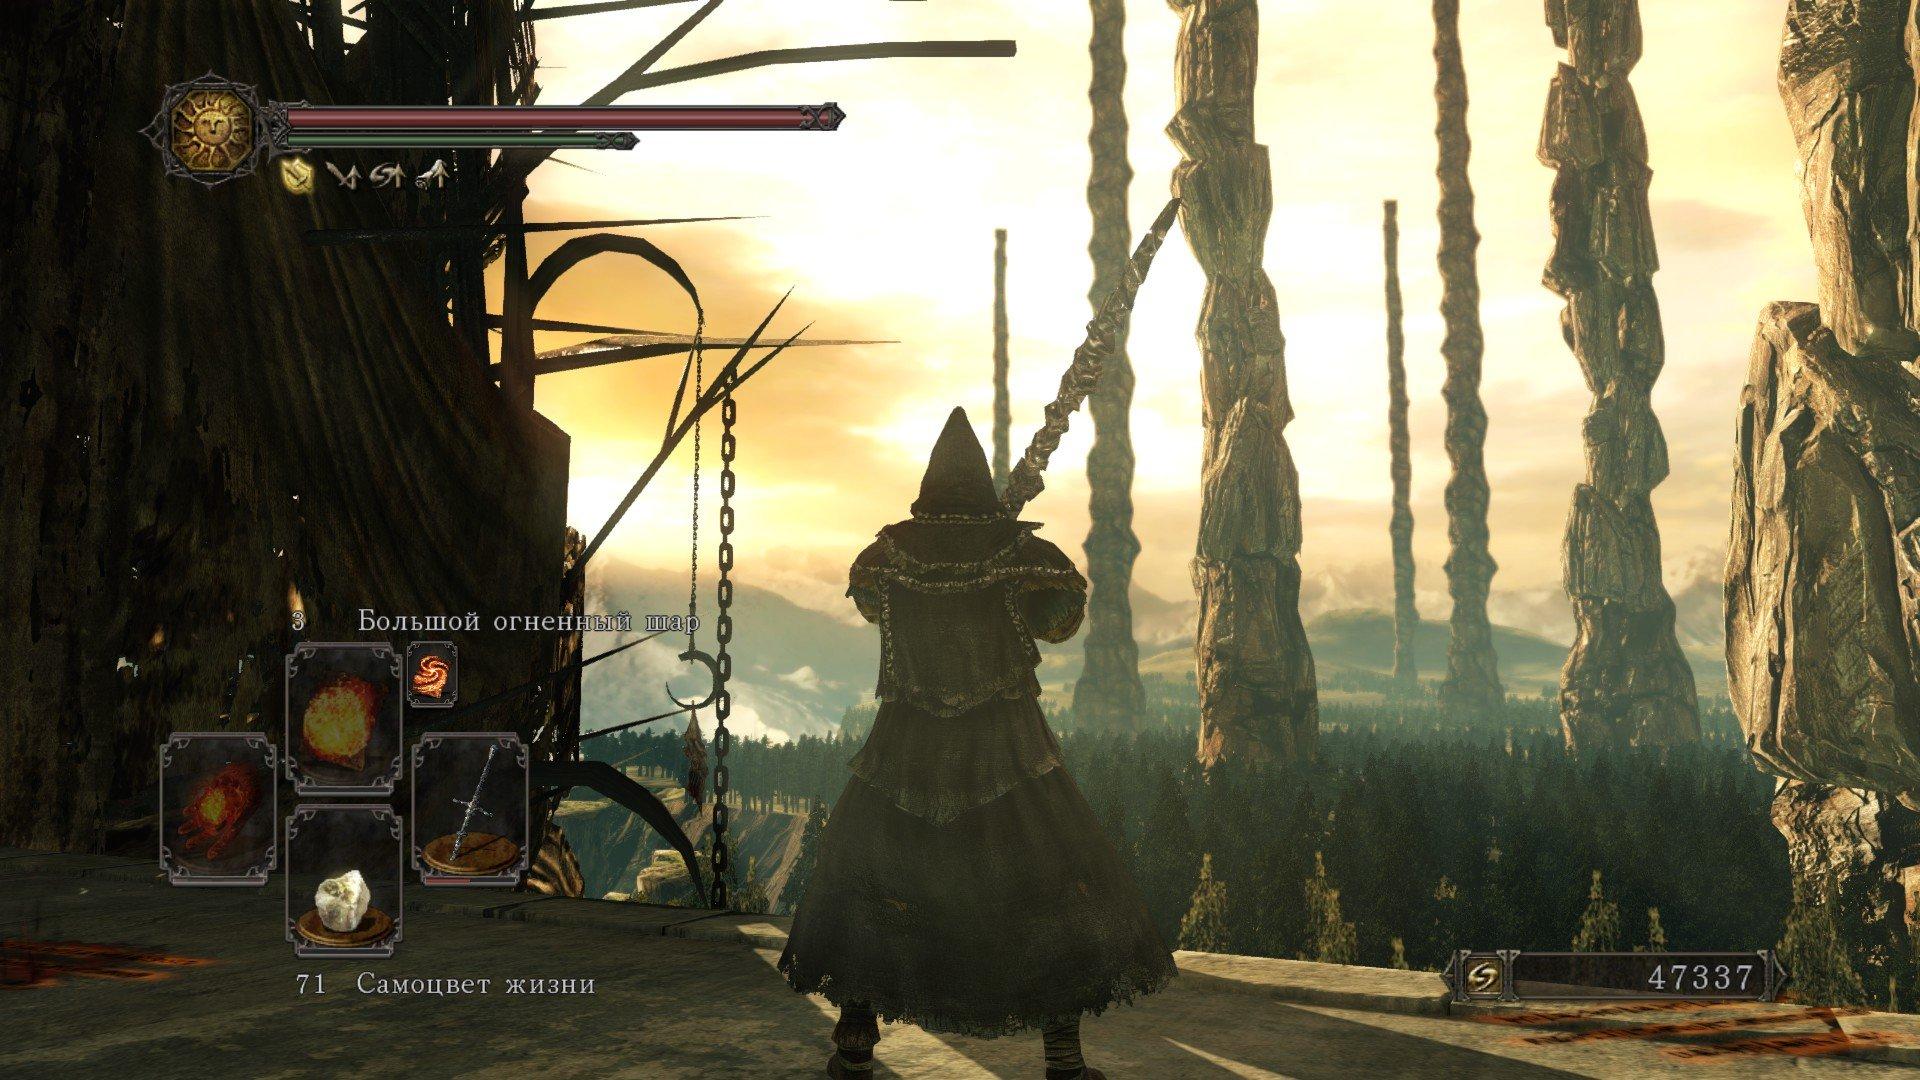 Вопль-прохождение Dark Souls 2 ... получилось много скриншотов -_- - Изображение 17